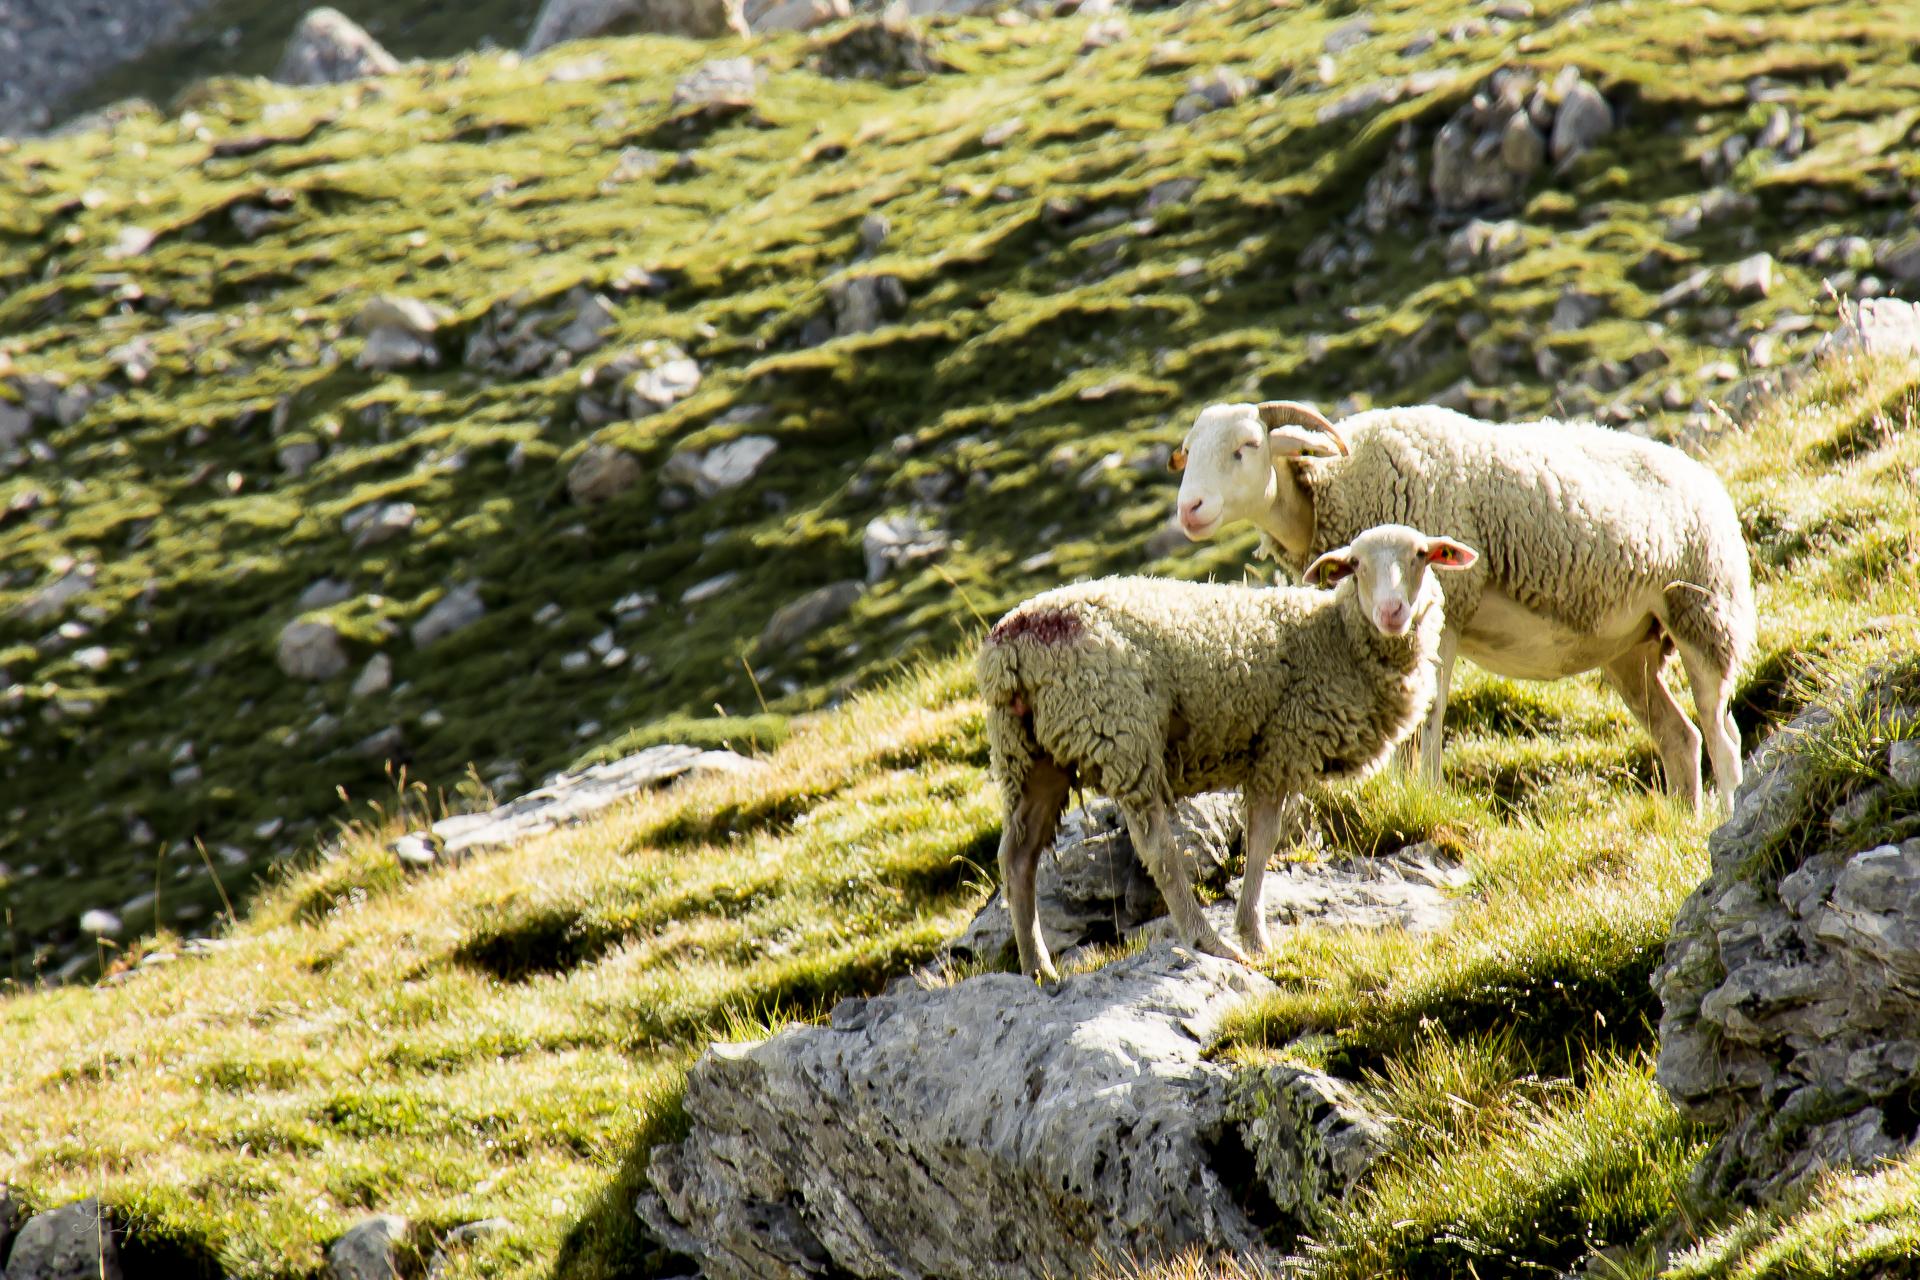 moutons-curieux-troumousse-9039